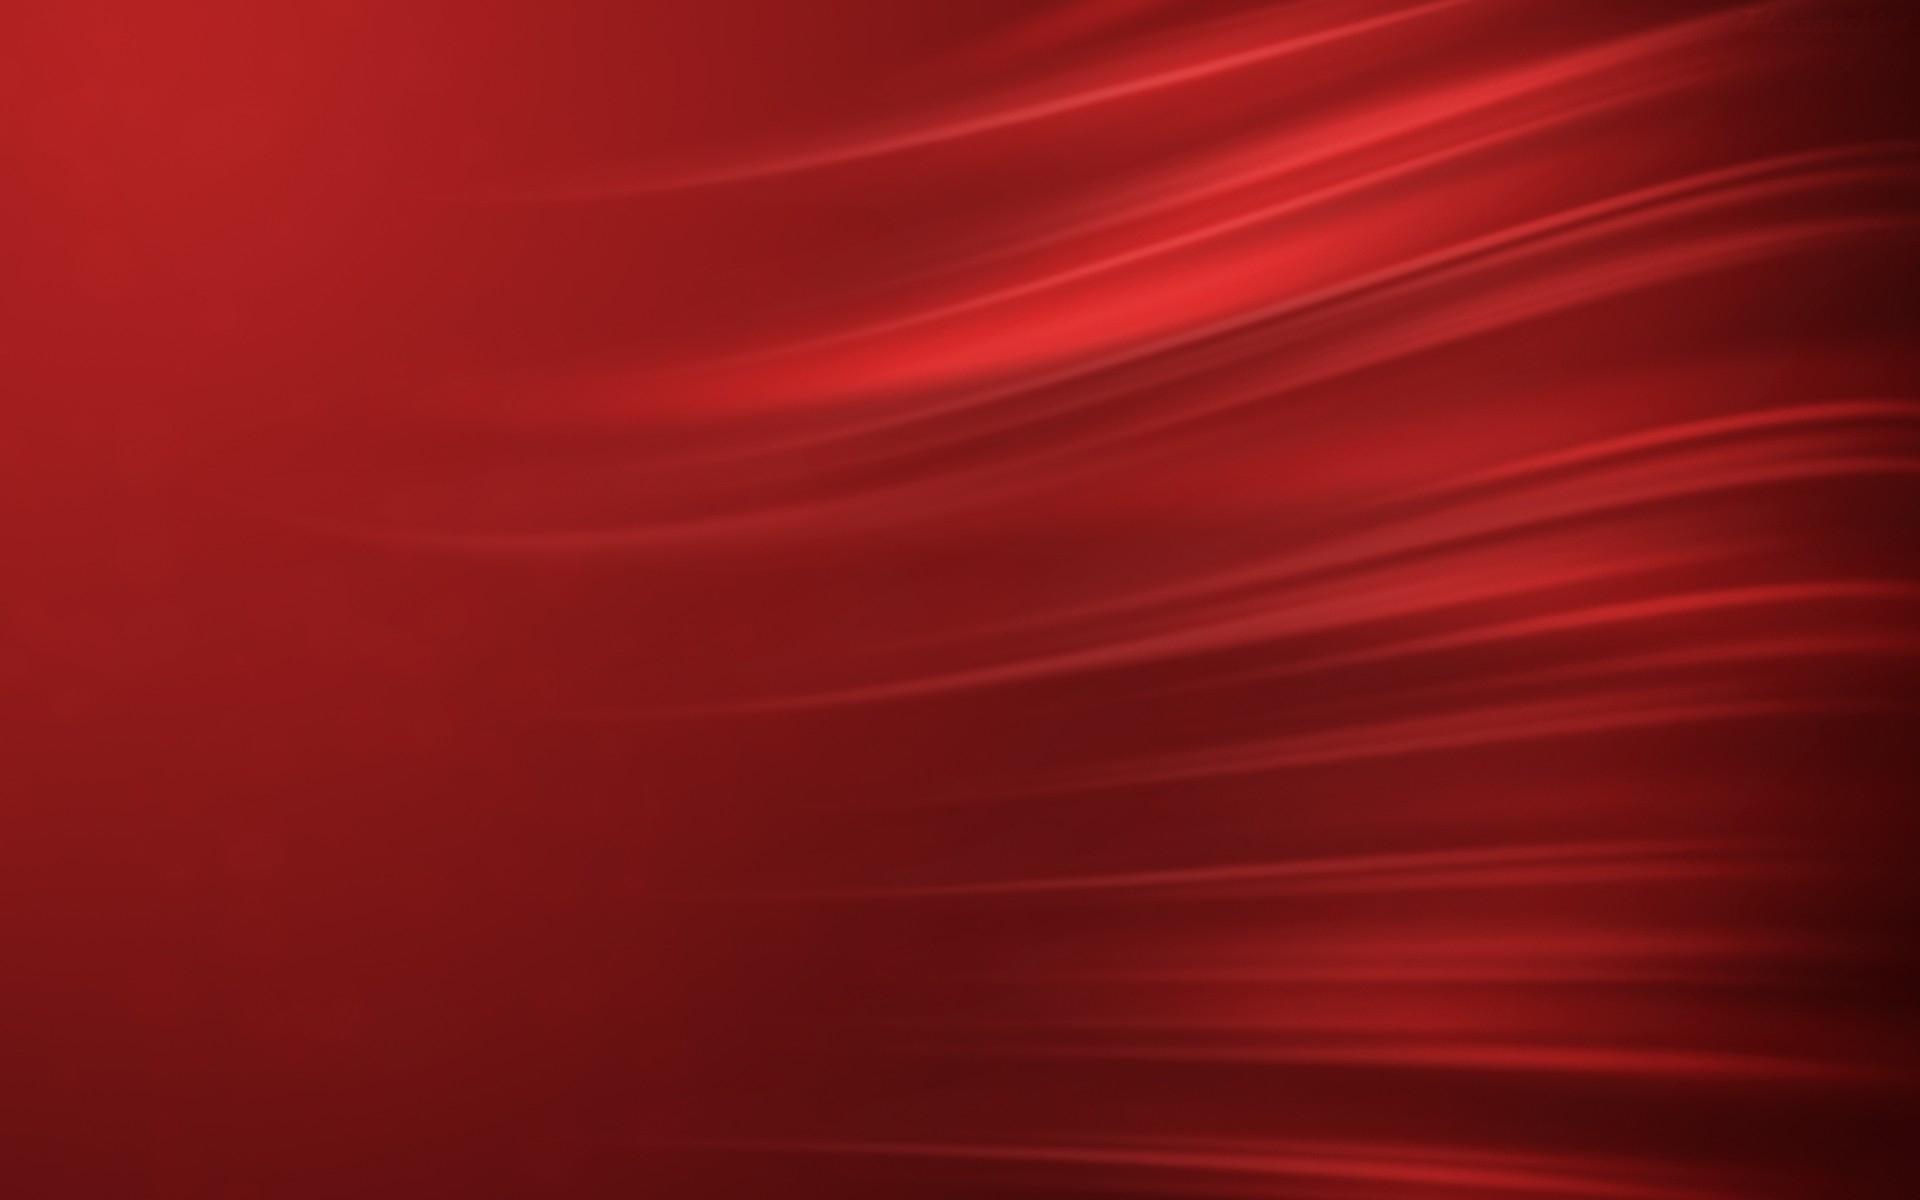 картинка красивая нейтральная красная что это